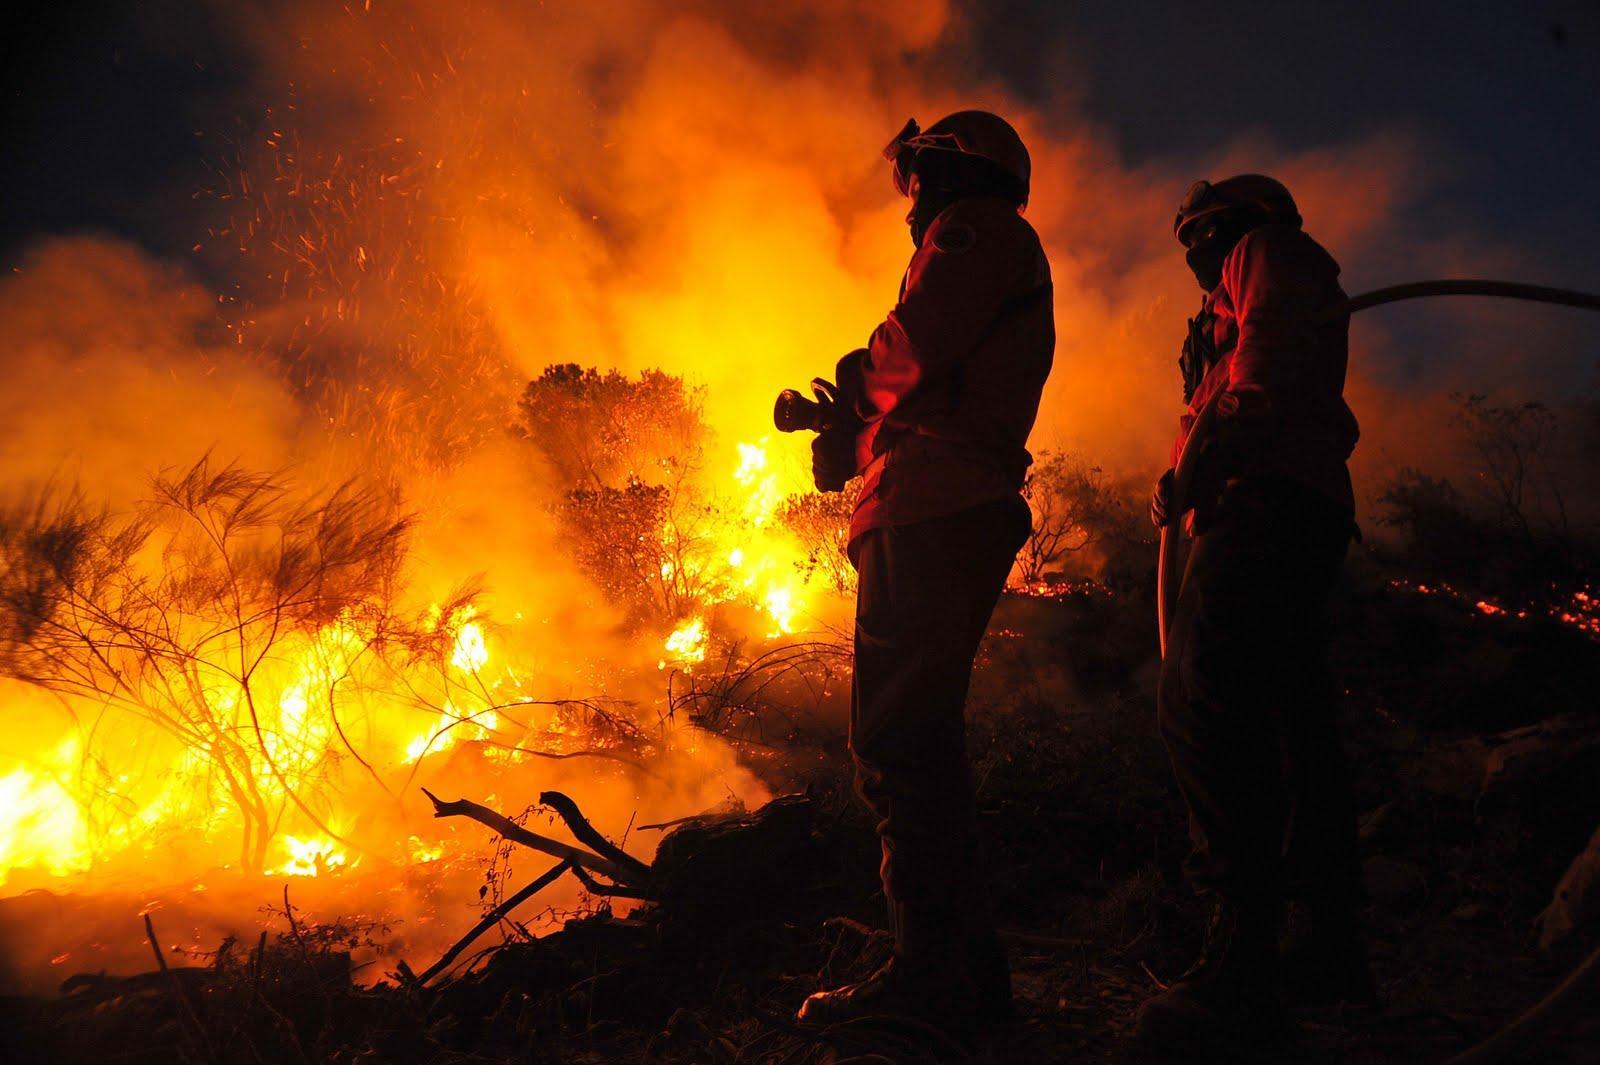 Apresentação do Dispositivo de Combate a Incêndios Florestais 2016 e análise de 2015